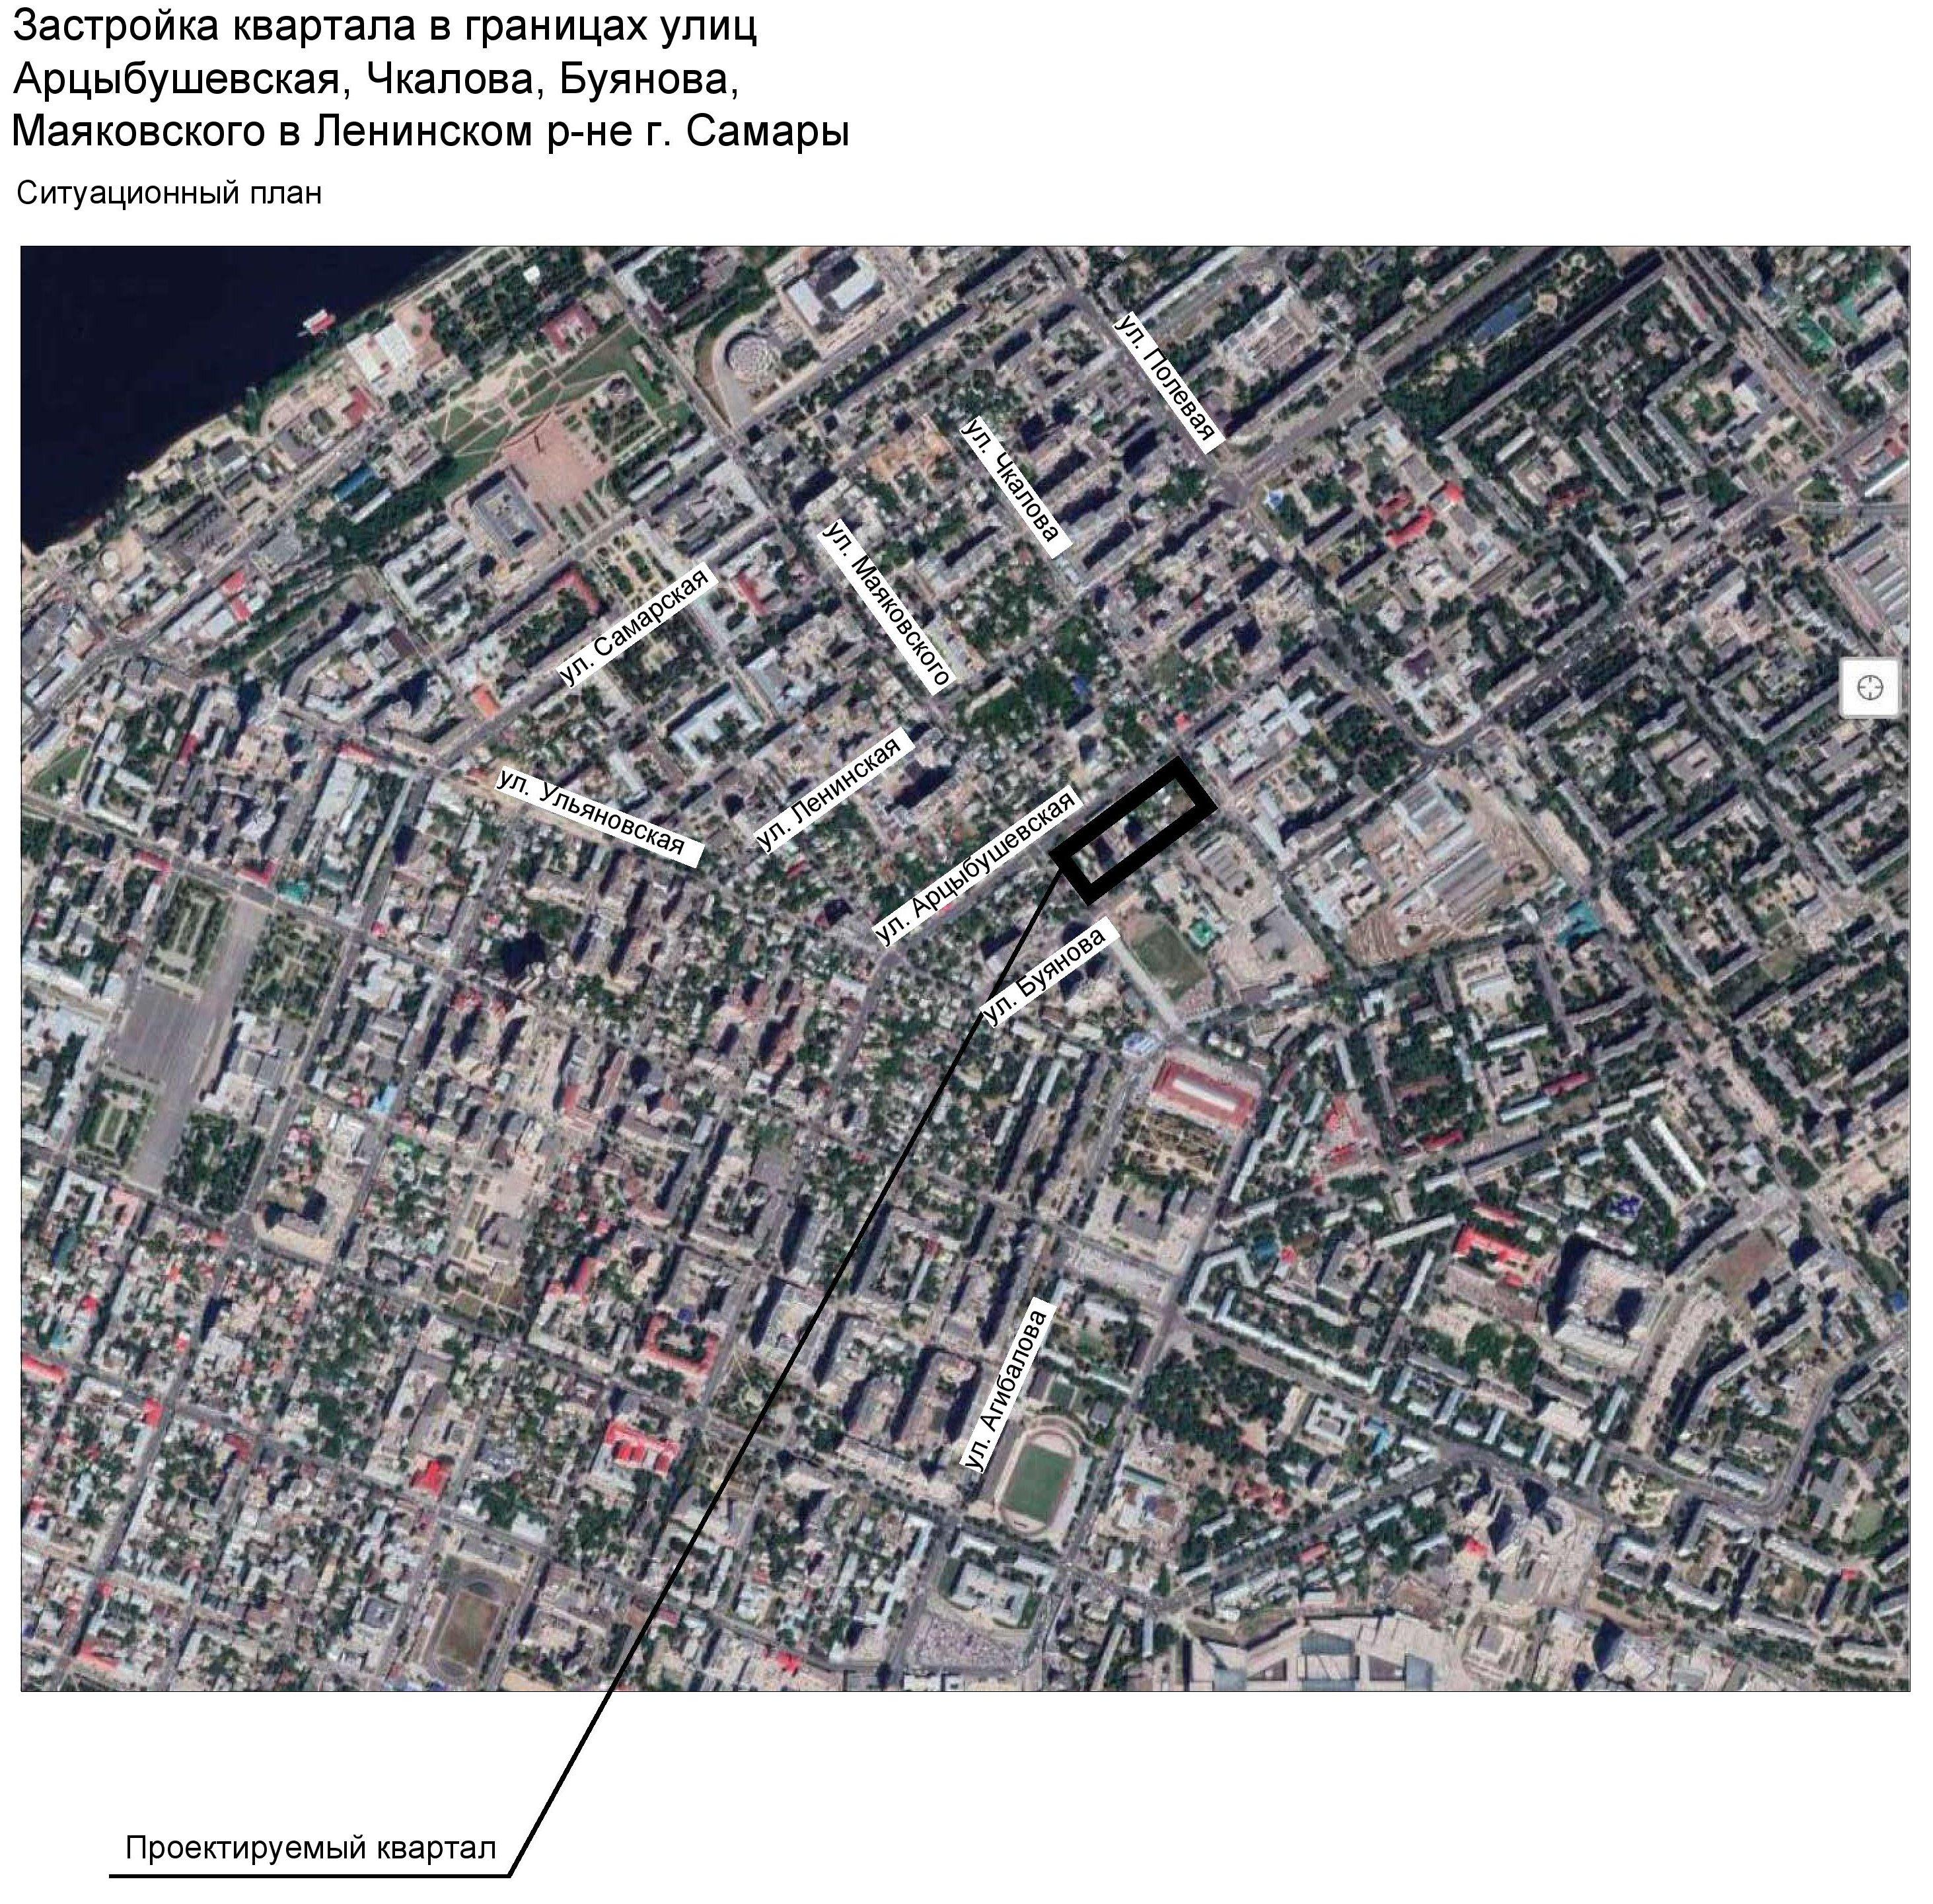 В историческом центре Самары планируется строительство 9-этажных домов и подземных паркингов